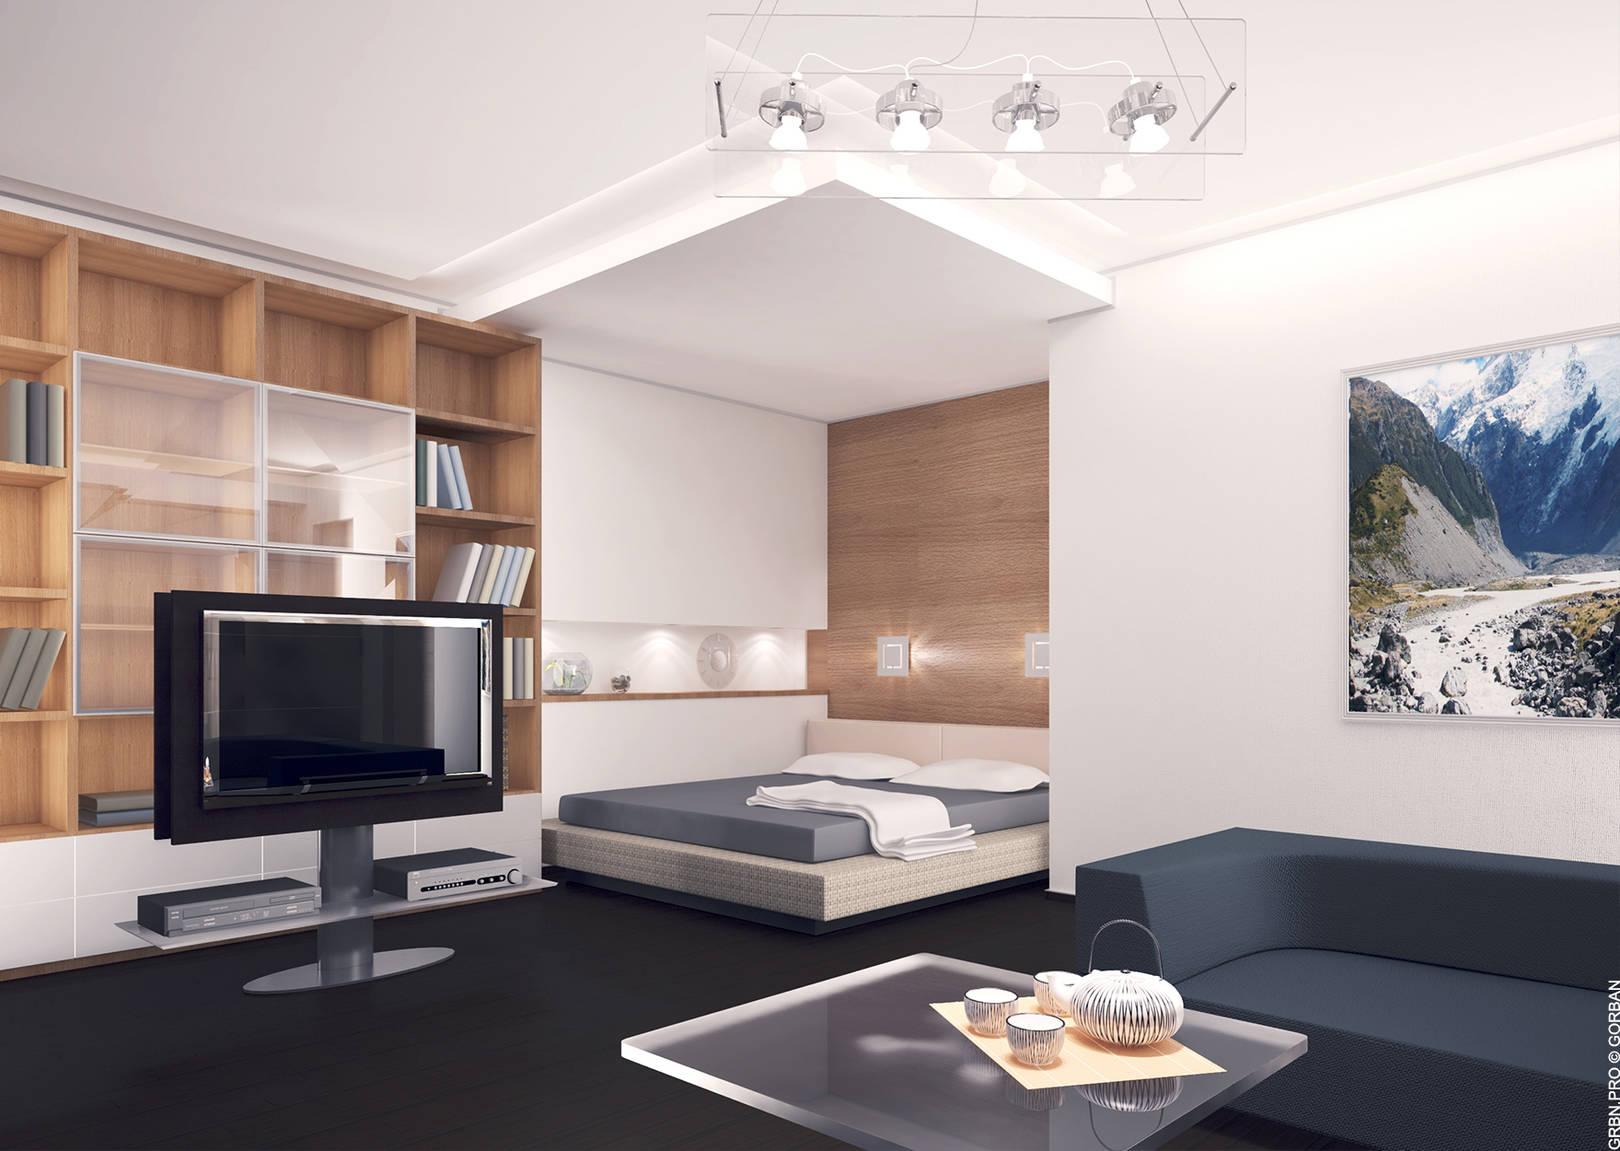 Проект интерьера квартиры. Кабинет. 3D визуализация.